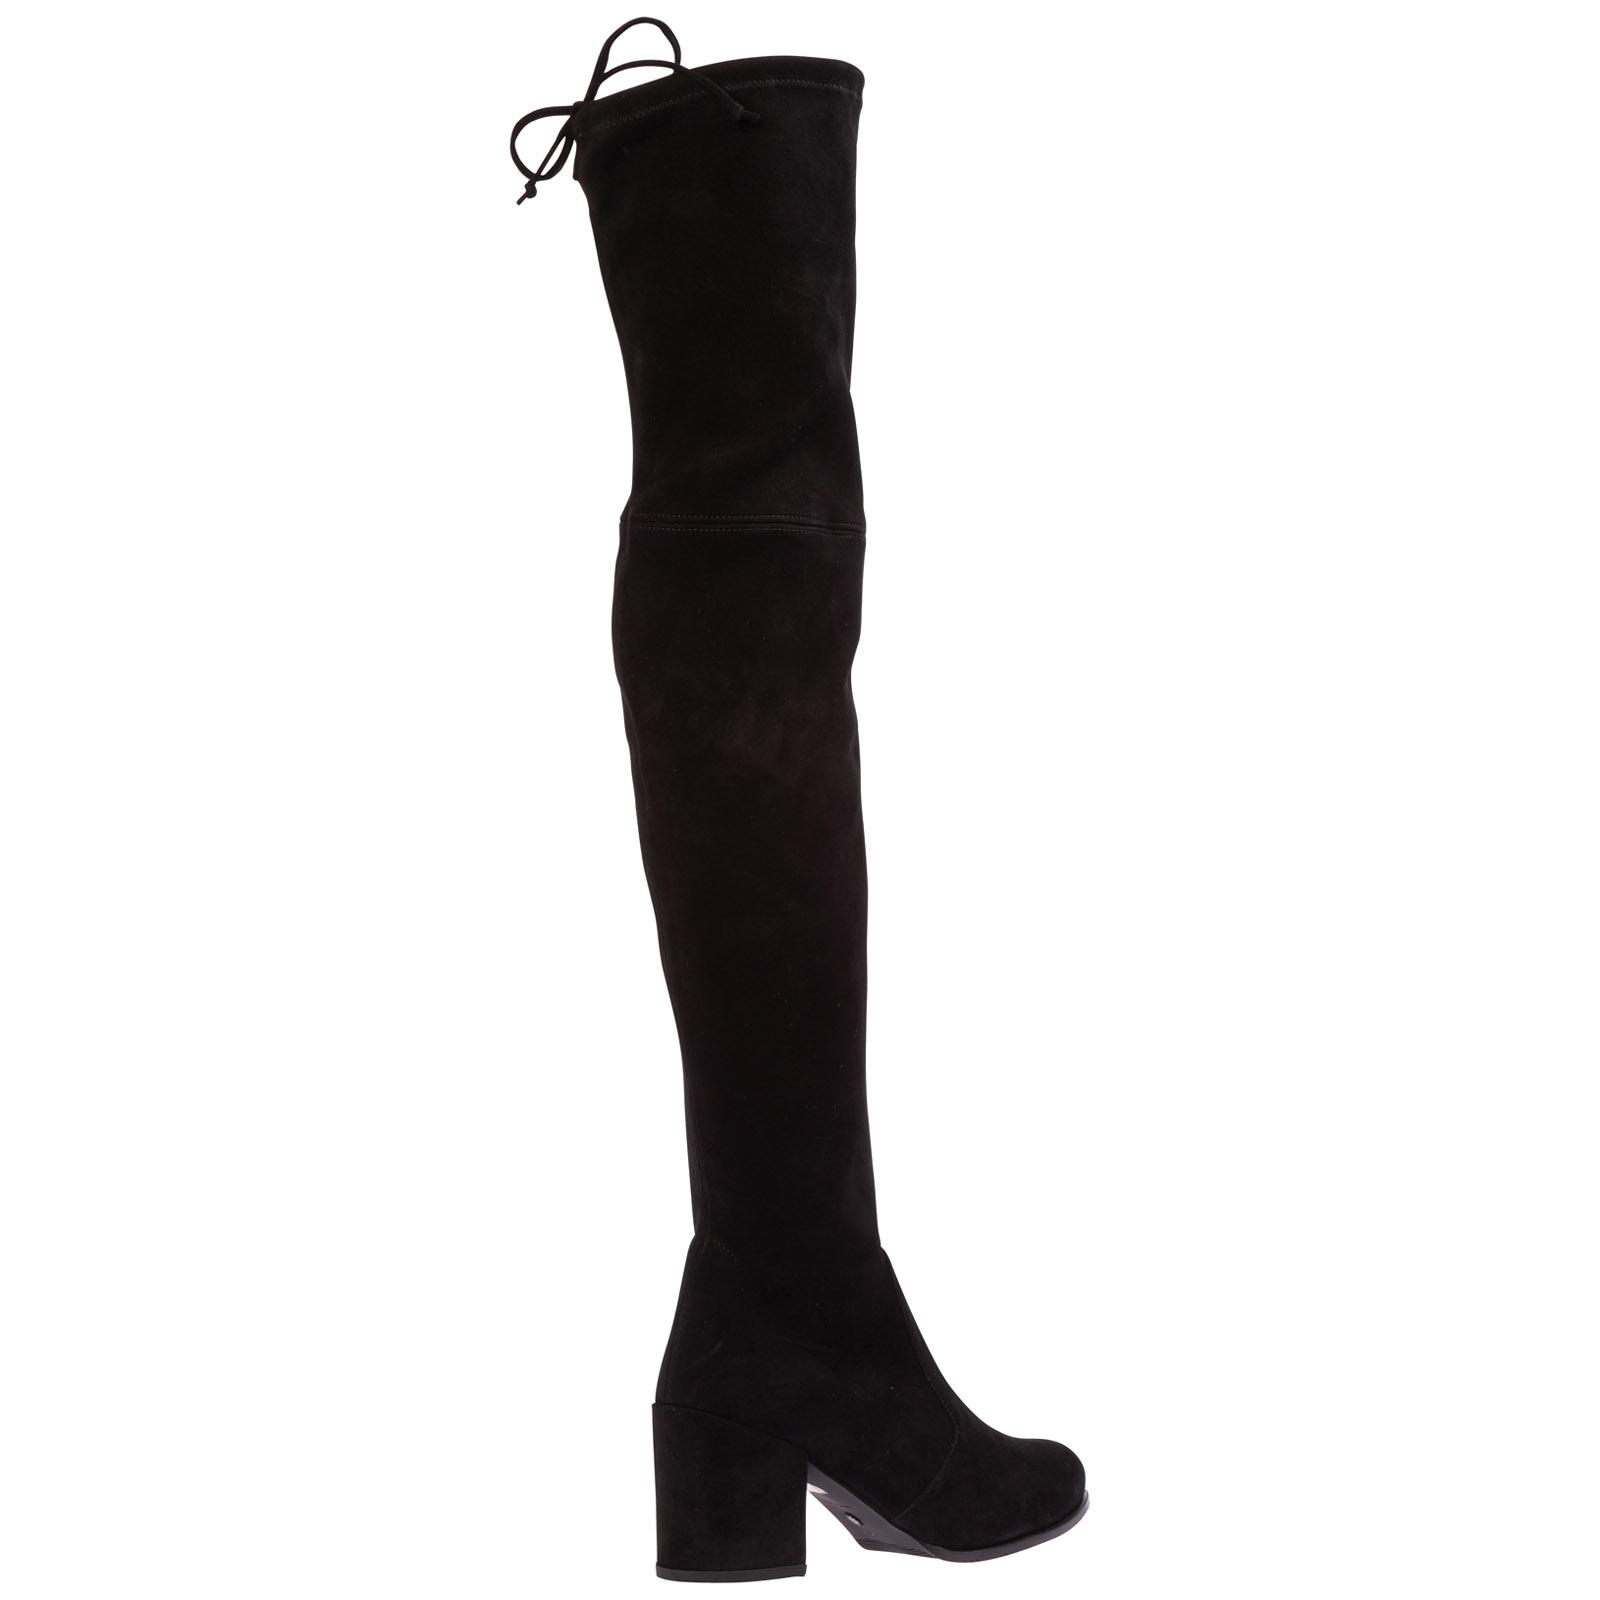 Wildleder Stiefel Damen Boots Tieland Mit Absatz 8ONXnZ0wPk